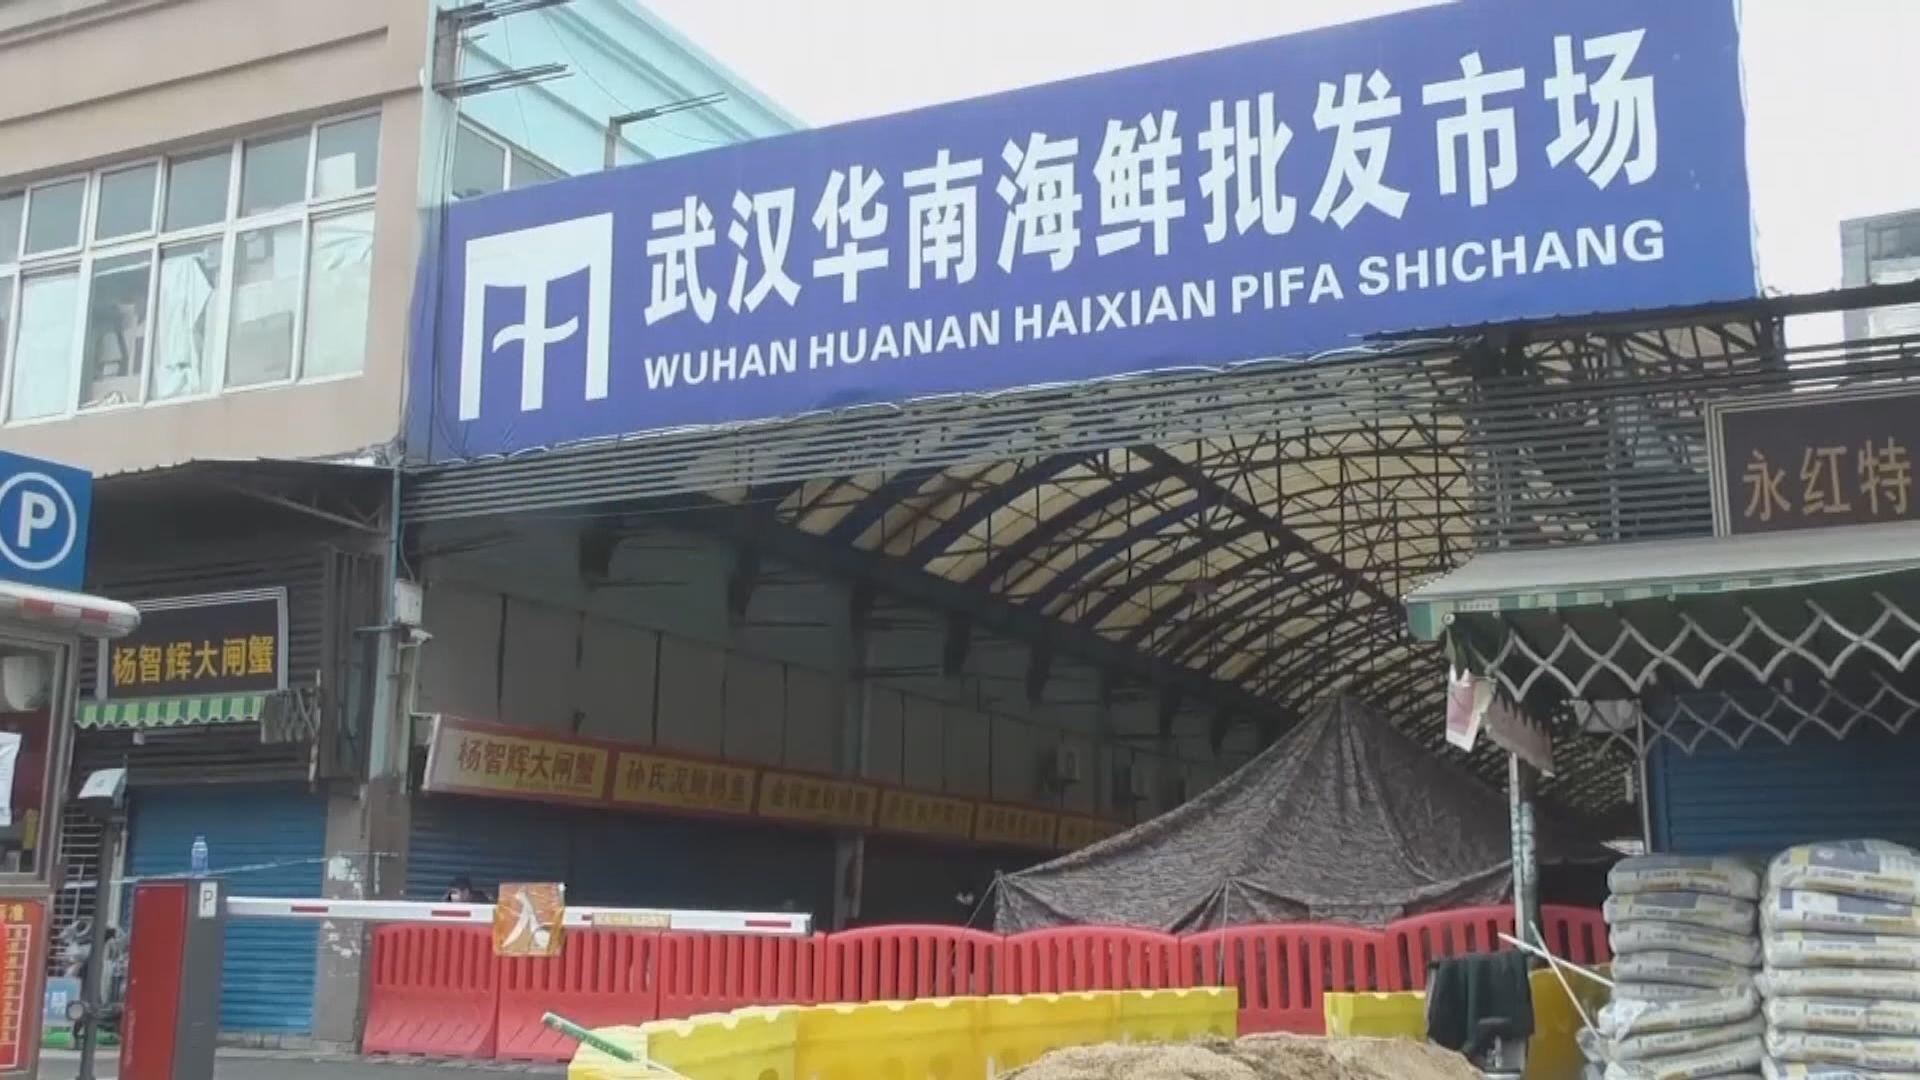 內地傳媒指武漢首名確診患者為華南海鮮市場女攤販